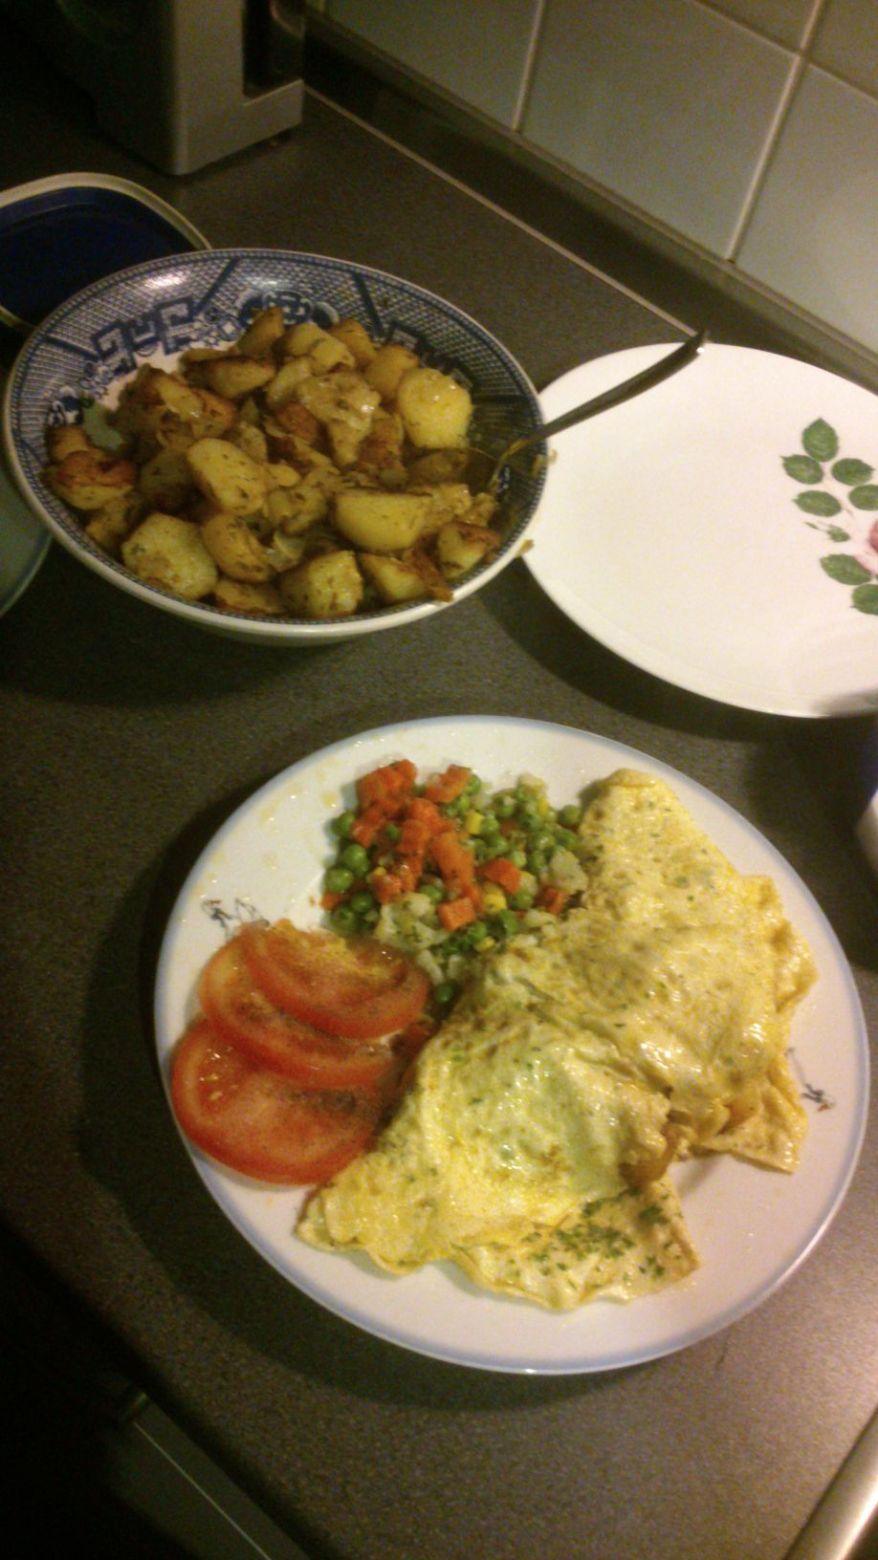 Bratkartoffeln, Quark, Eieromelette und Gemüse